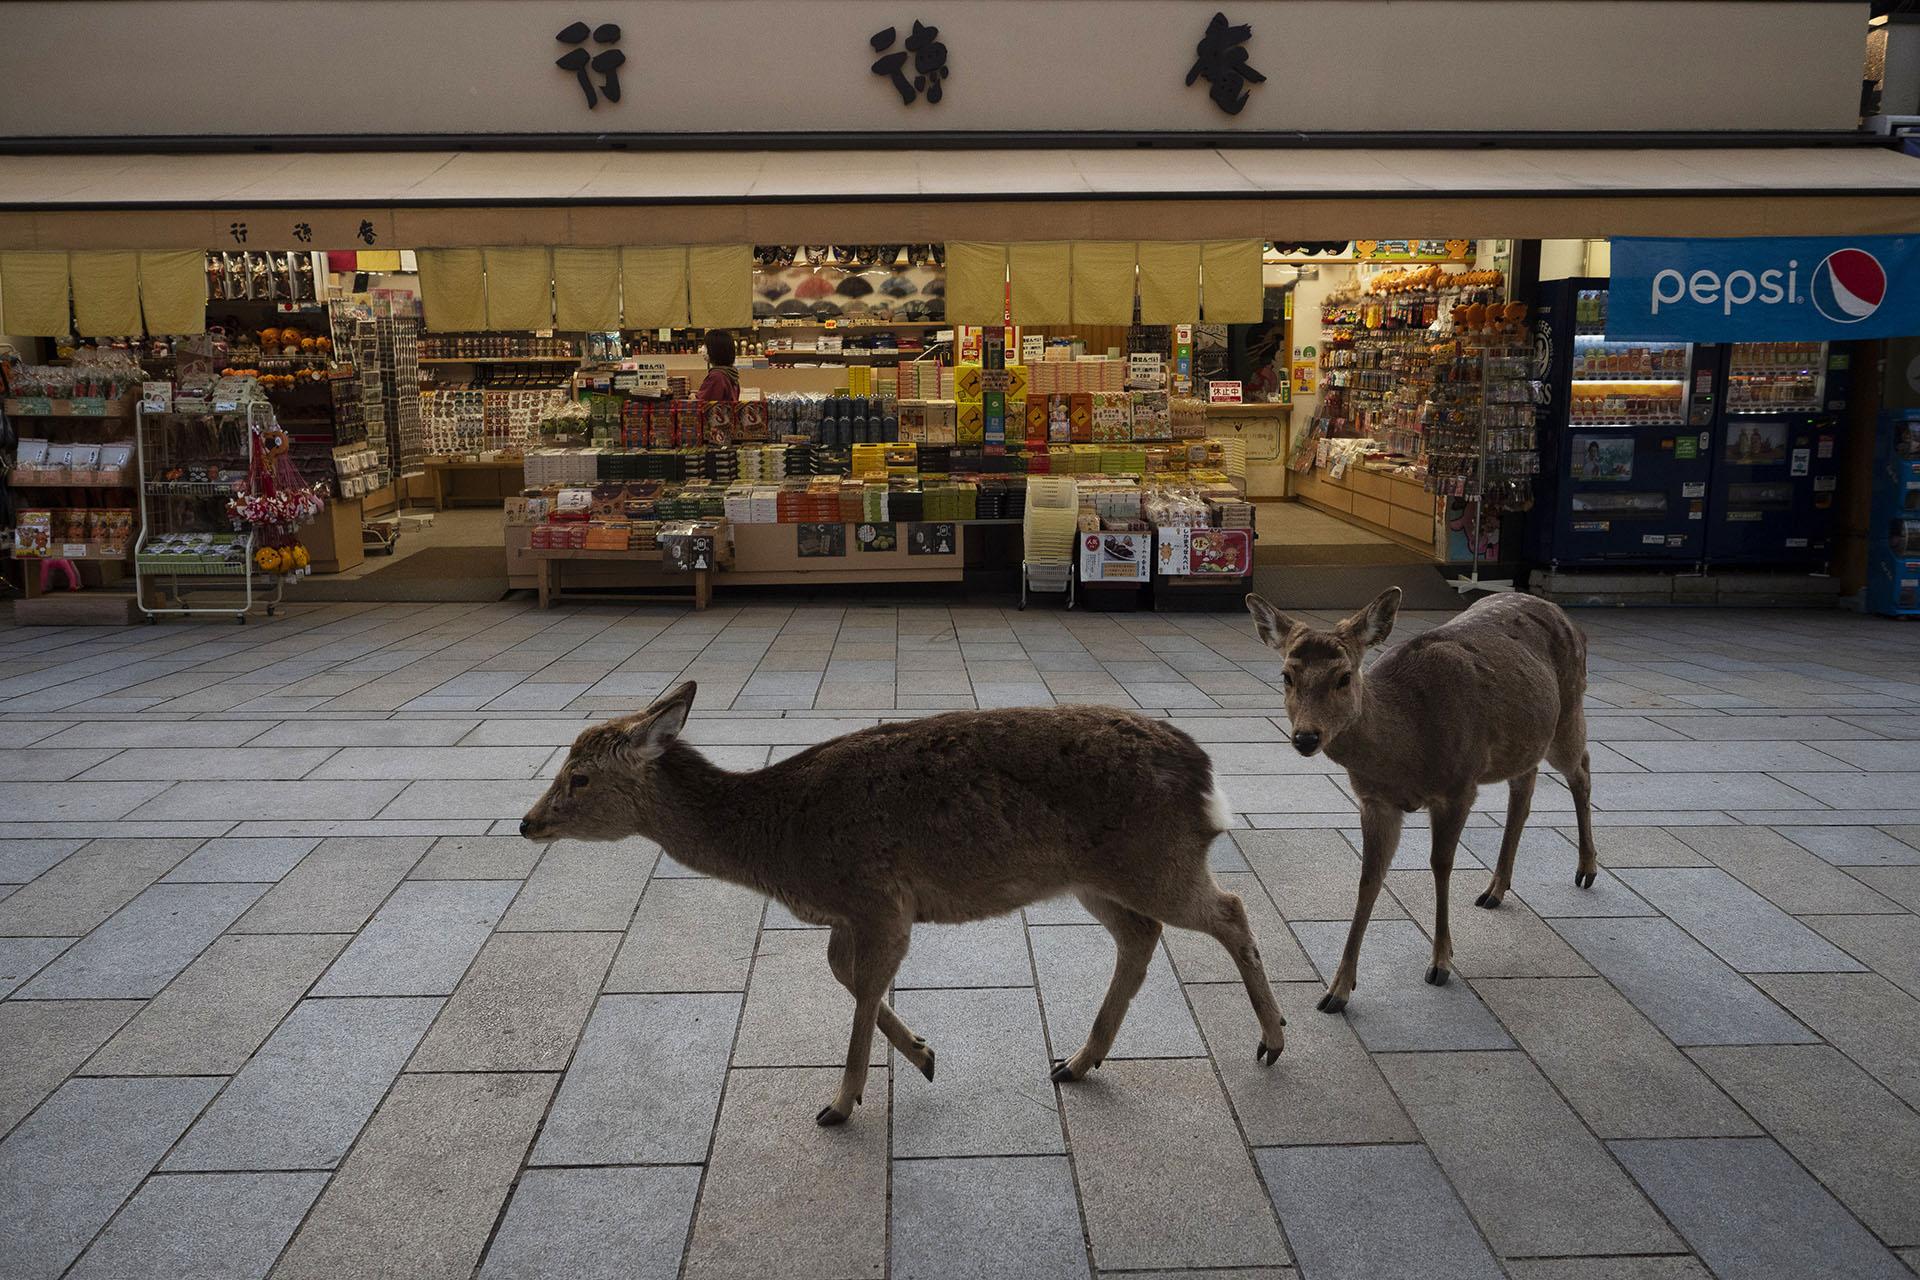 Dos ciervos pasan por una tienda de recuerdos cerca del templo Todaiji en Nara, Japón (Foto AP / Jae C. Hong)